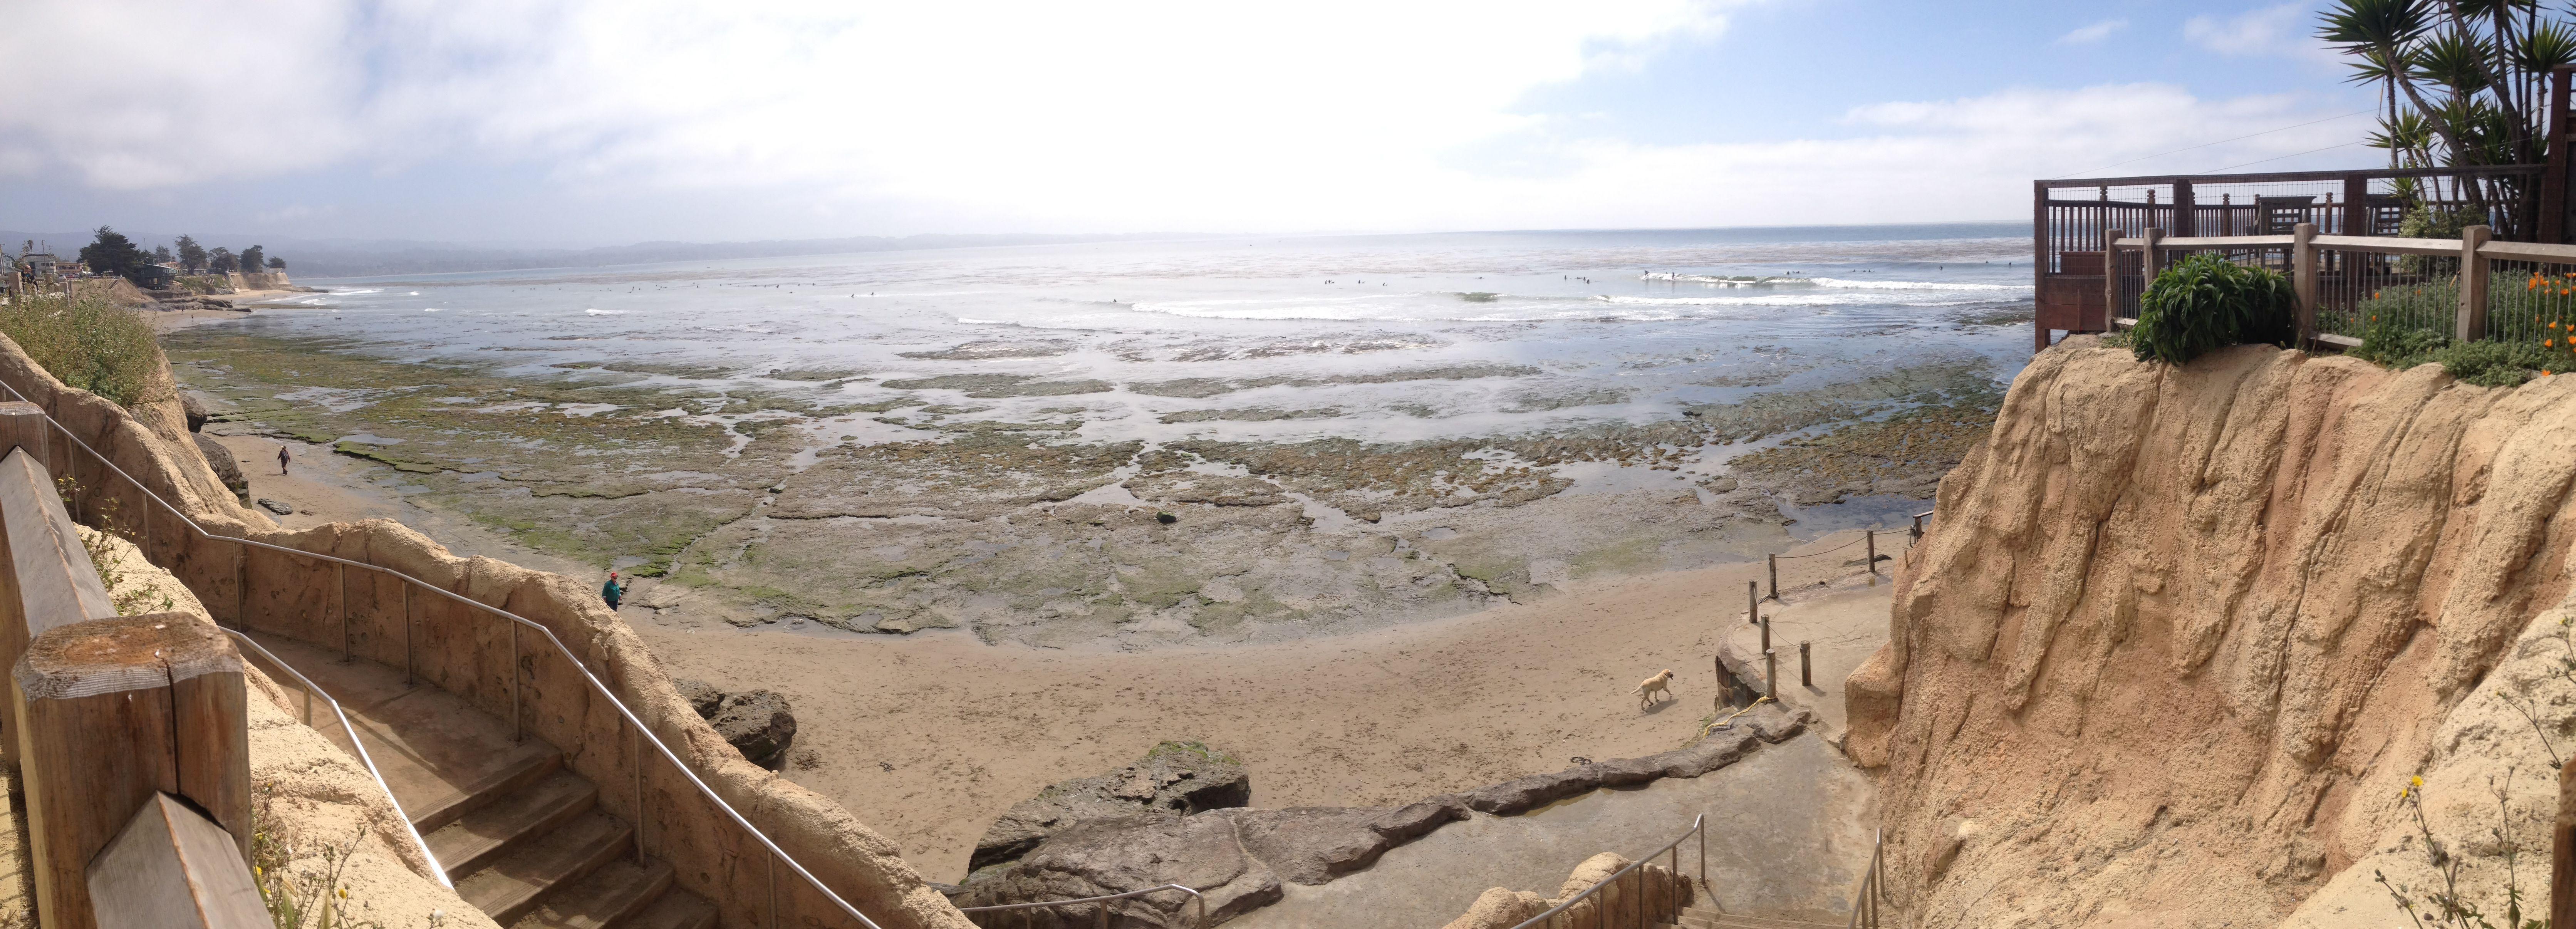 The Point, Santa Cruz